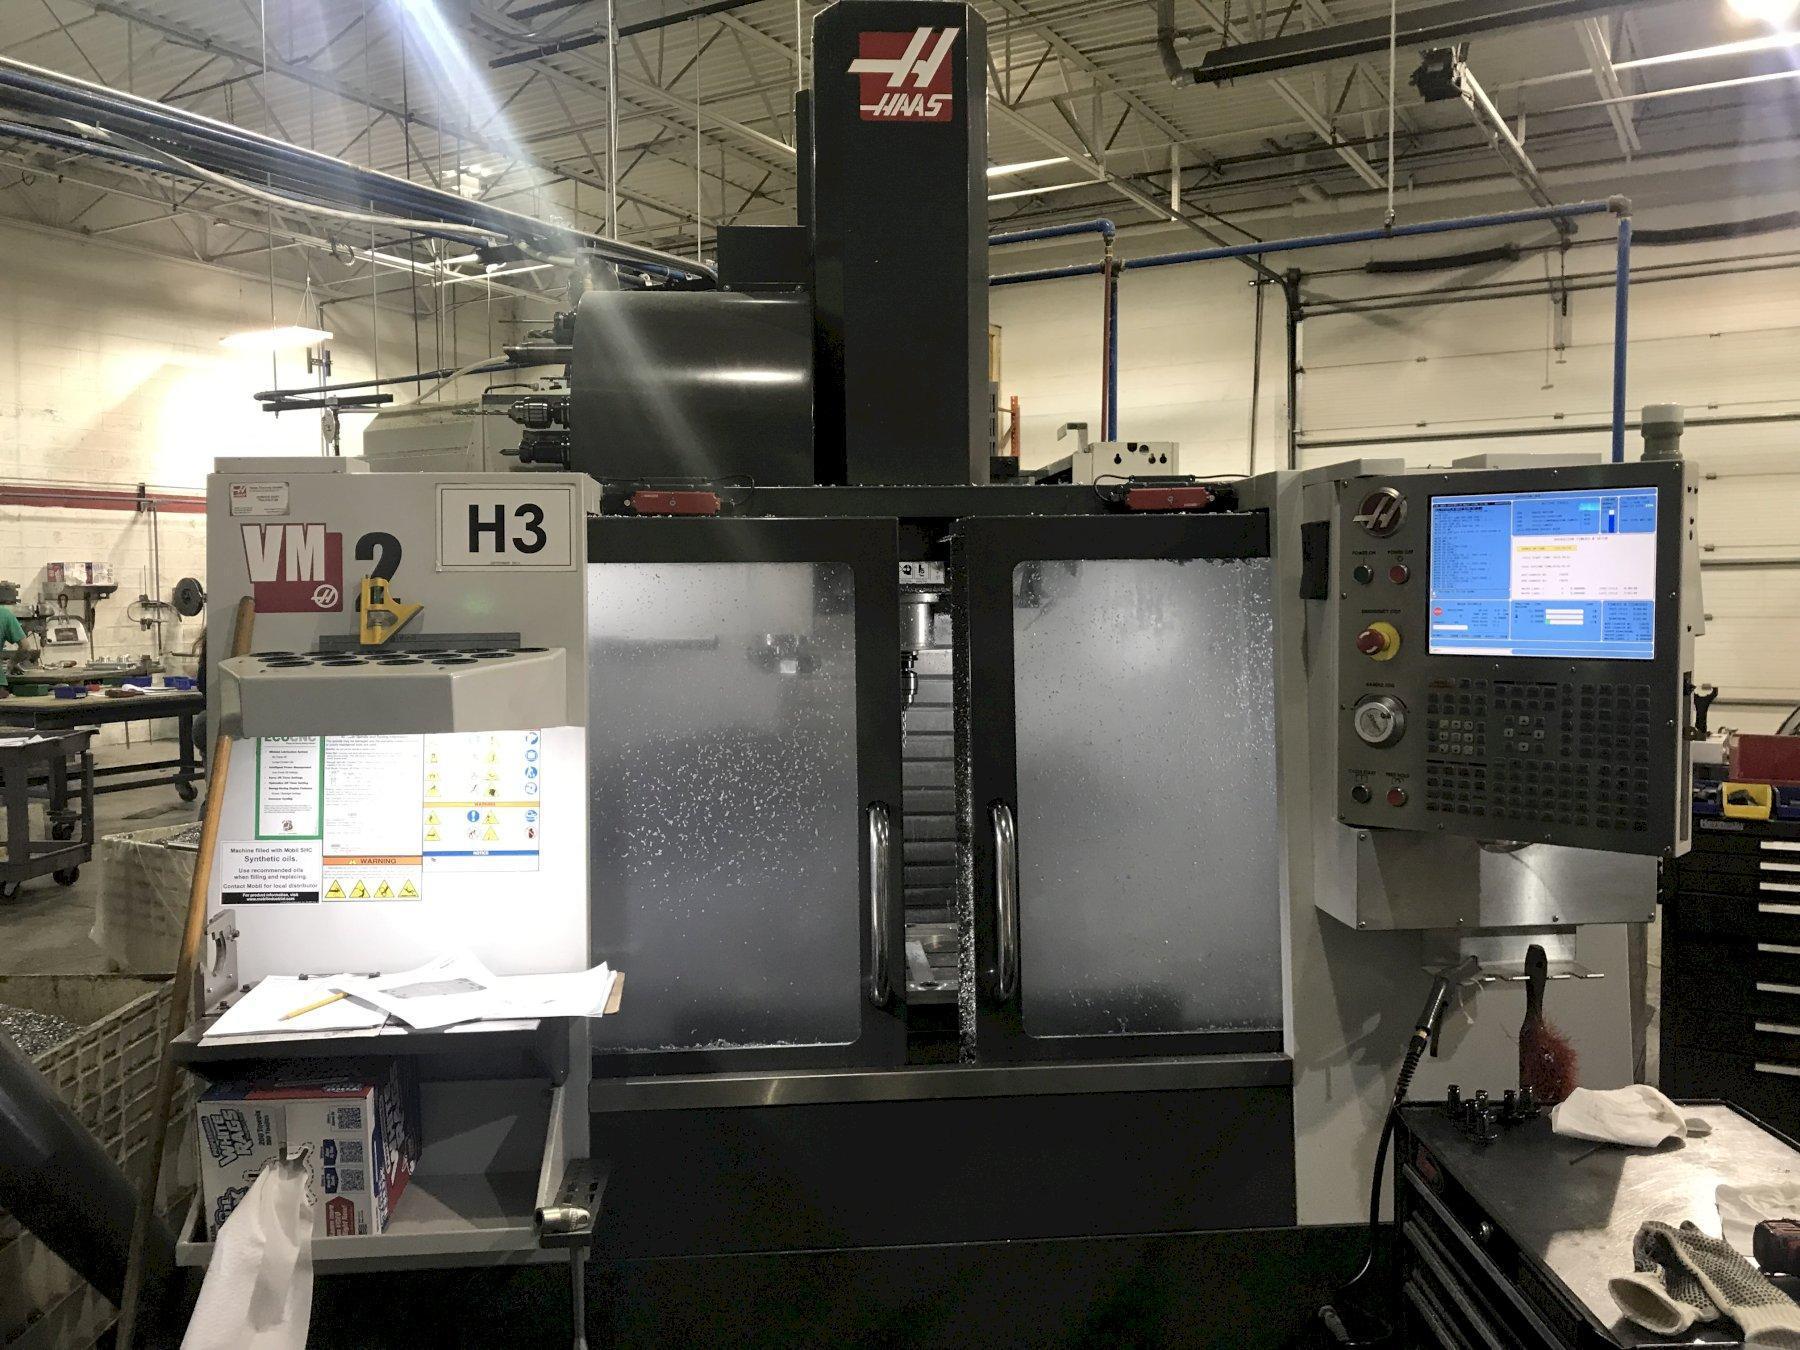 Haas VM2 (Mold Maker) CNC Vertical Machining Center